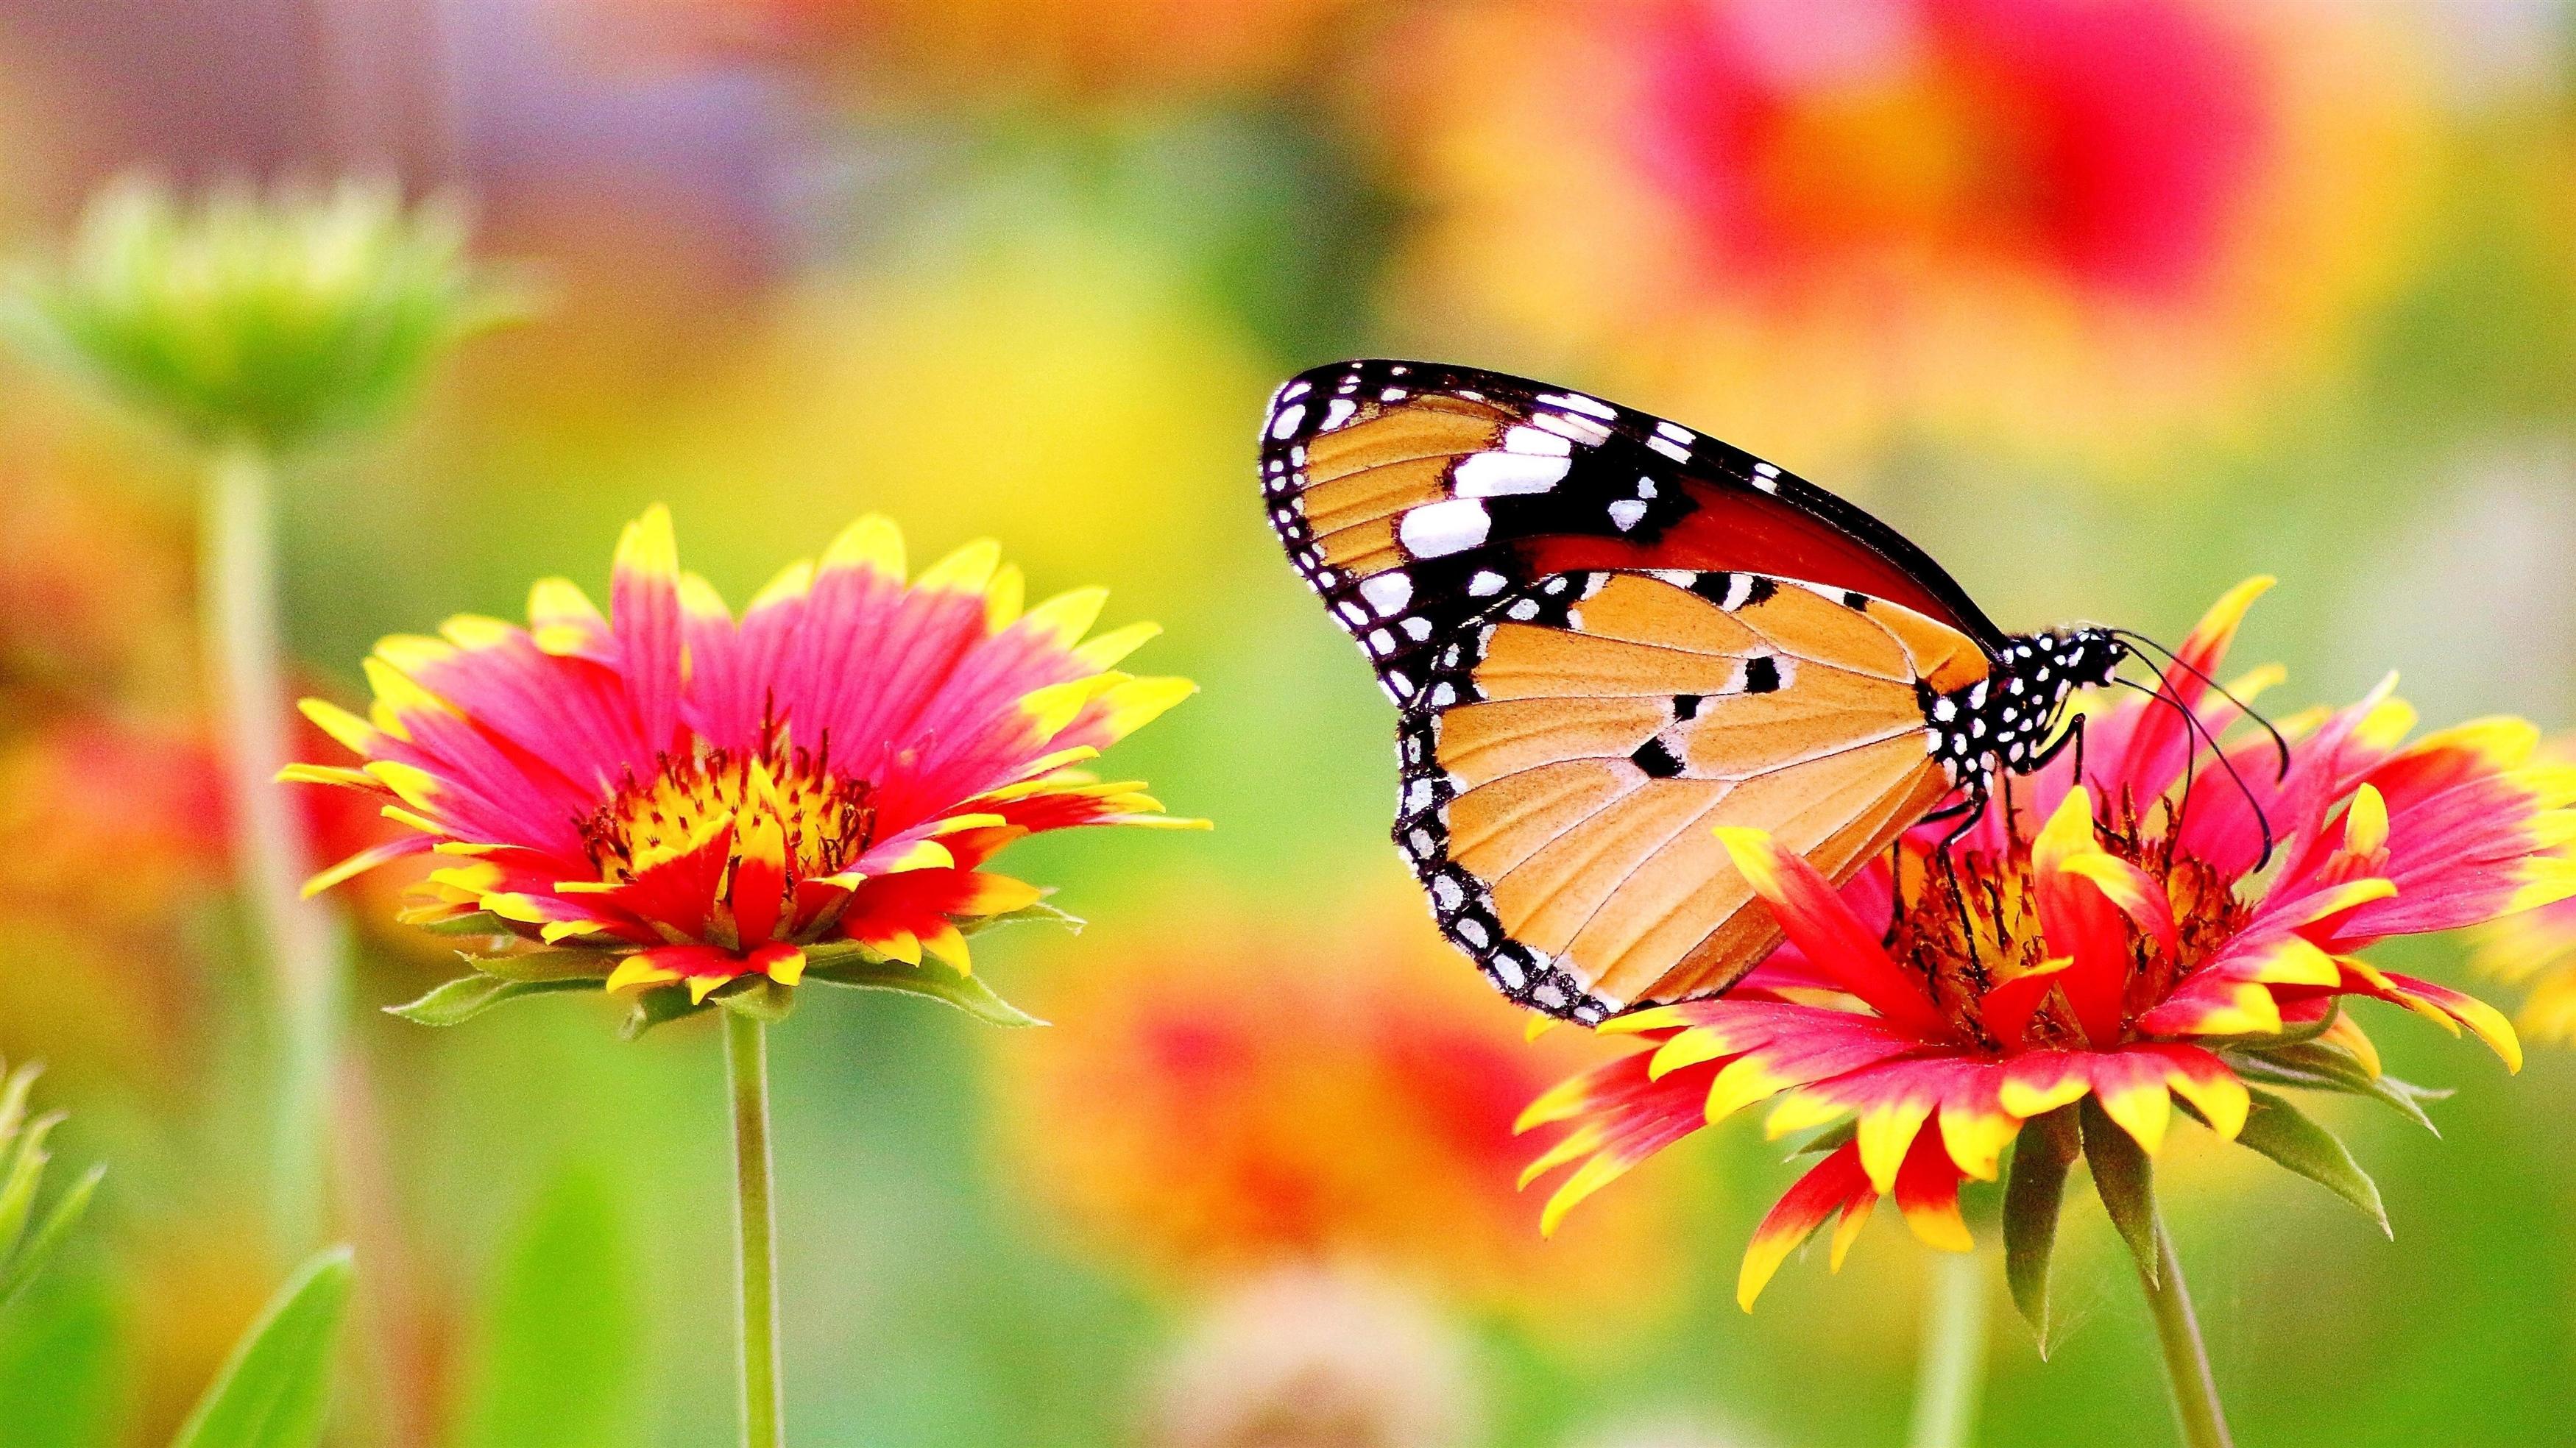 Черная желтая бабочка сидит на розовом желтом цветке на фоне синих цветов бабочка обои скачать